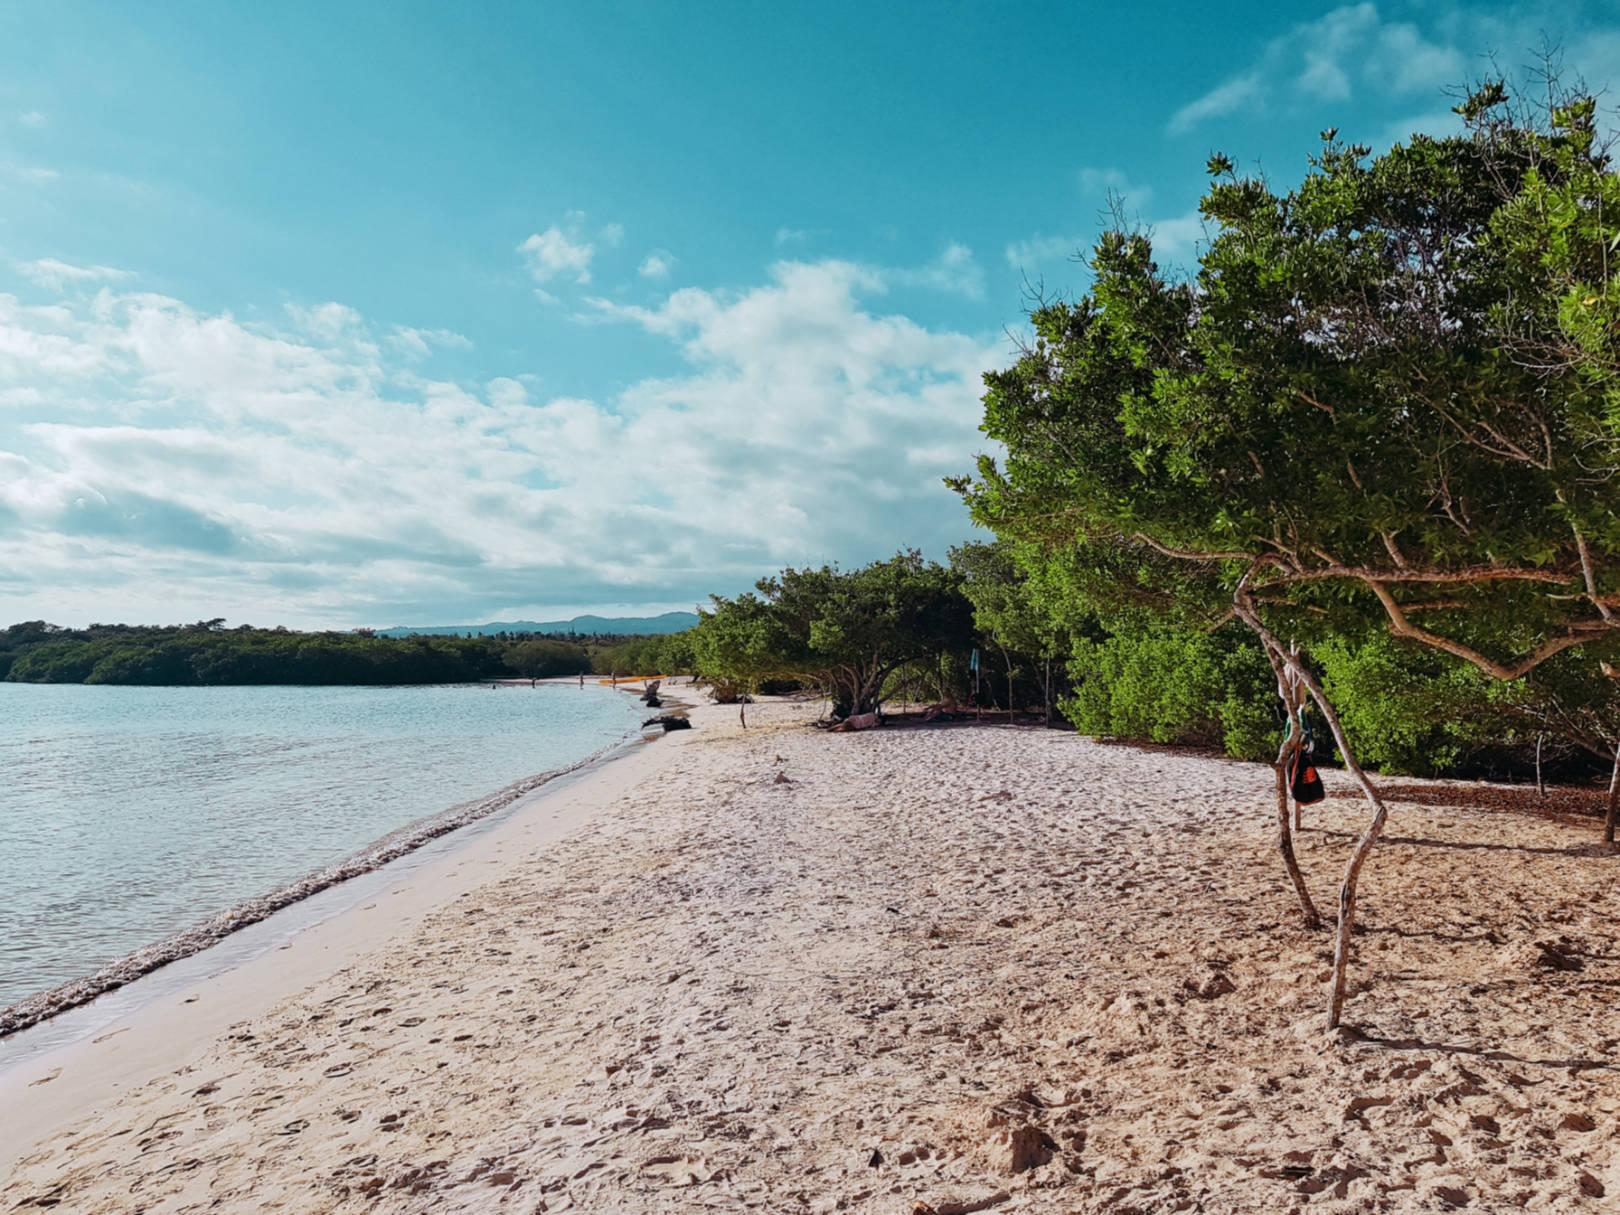 Jak tanio zwiedzić Wyspy Galapagos Darmowe atrakcje nawyspach (5)